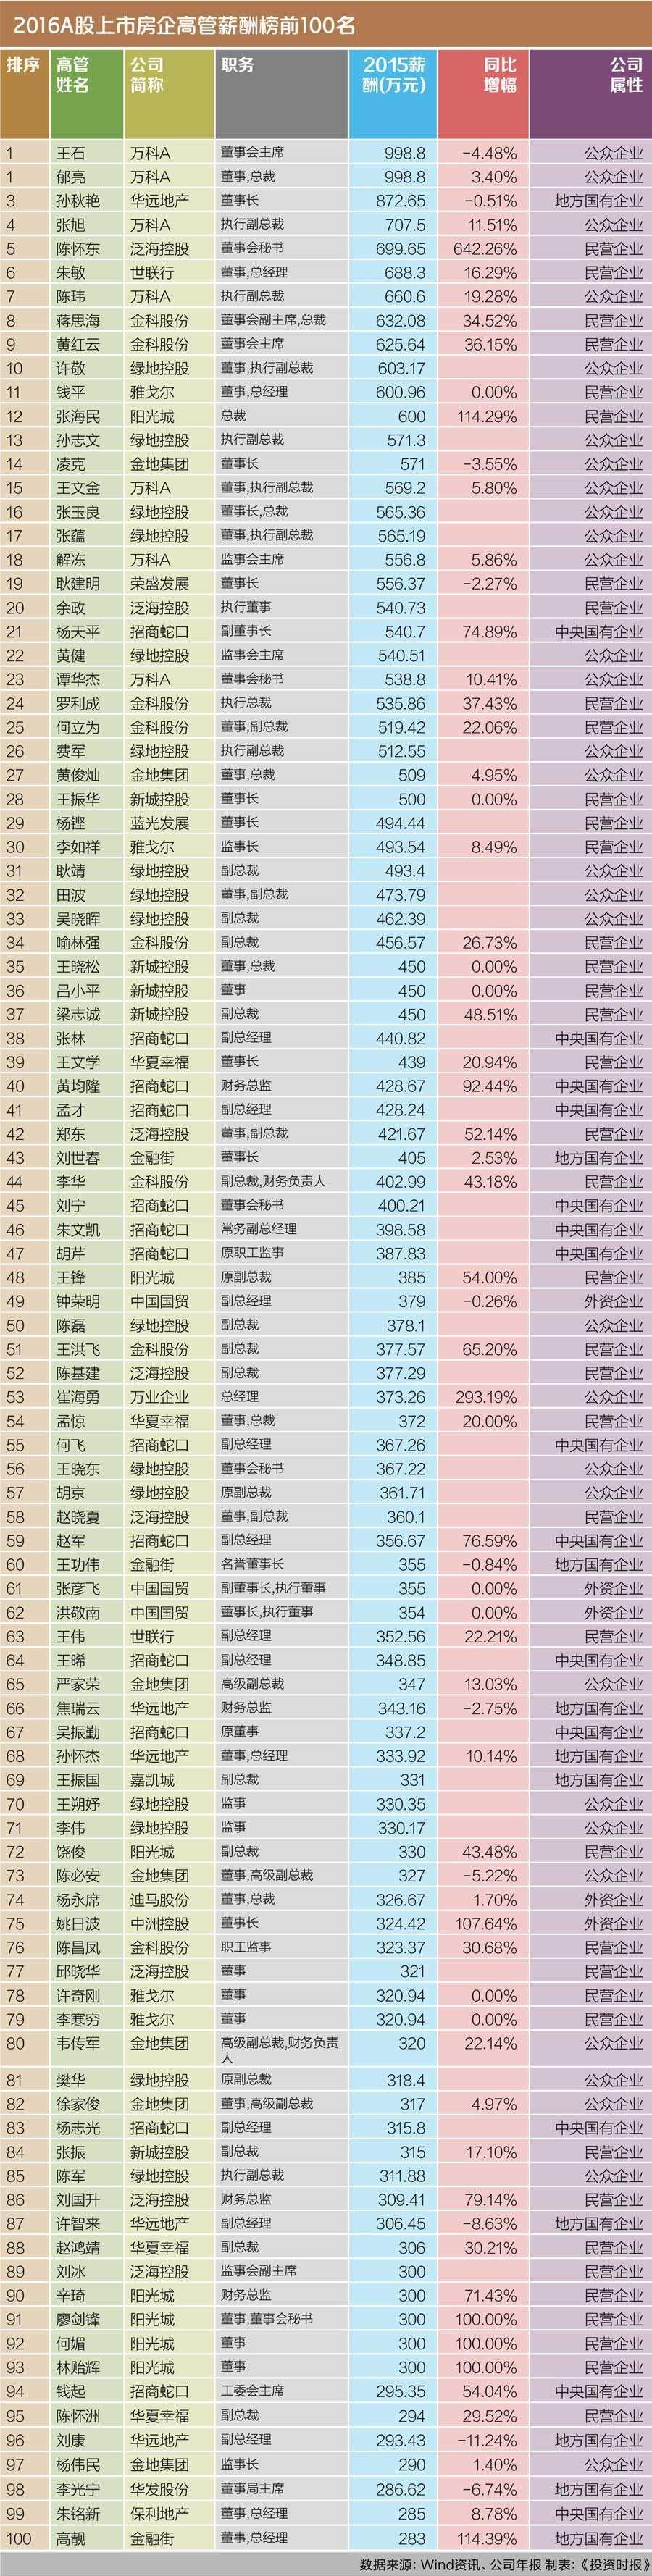 A股上市房企高管薪酬榜:王石还是第一人 | 封面